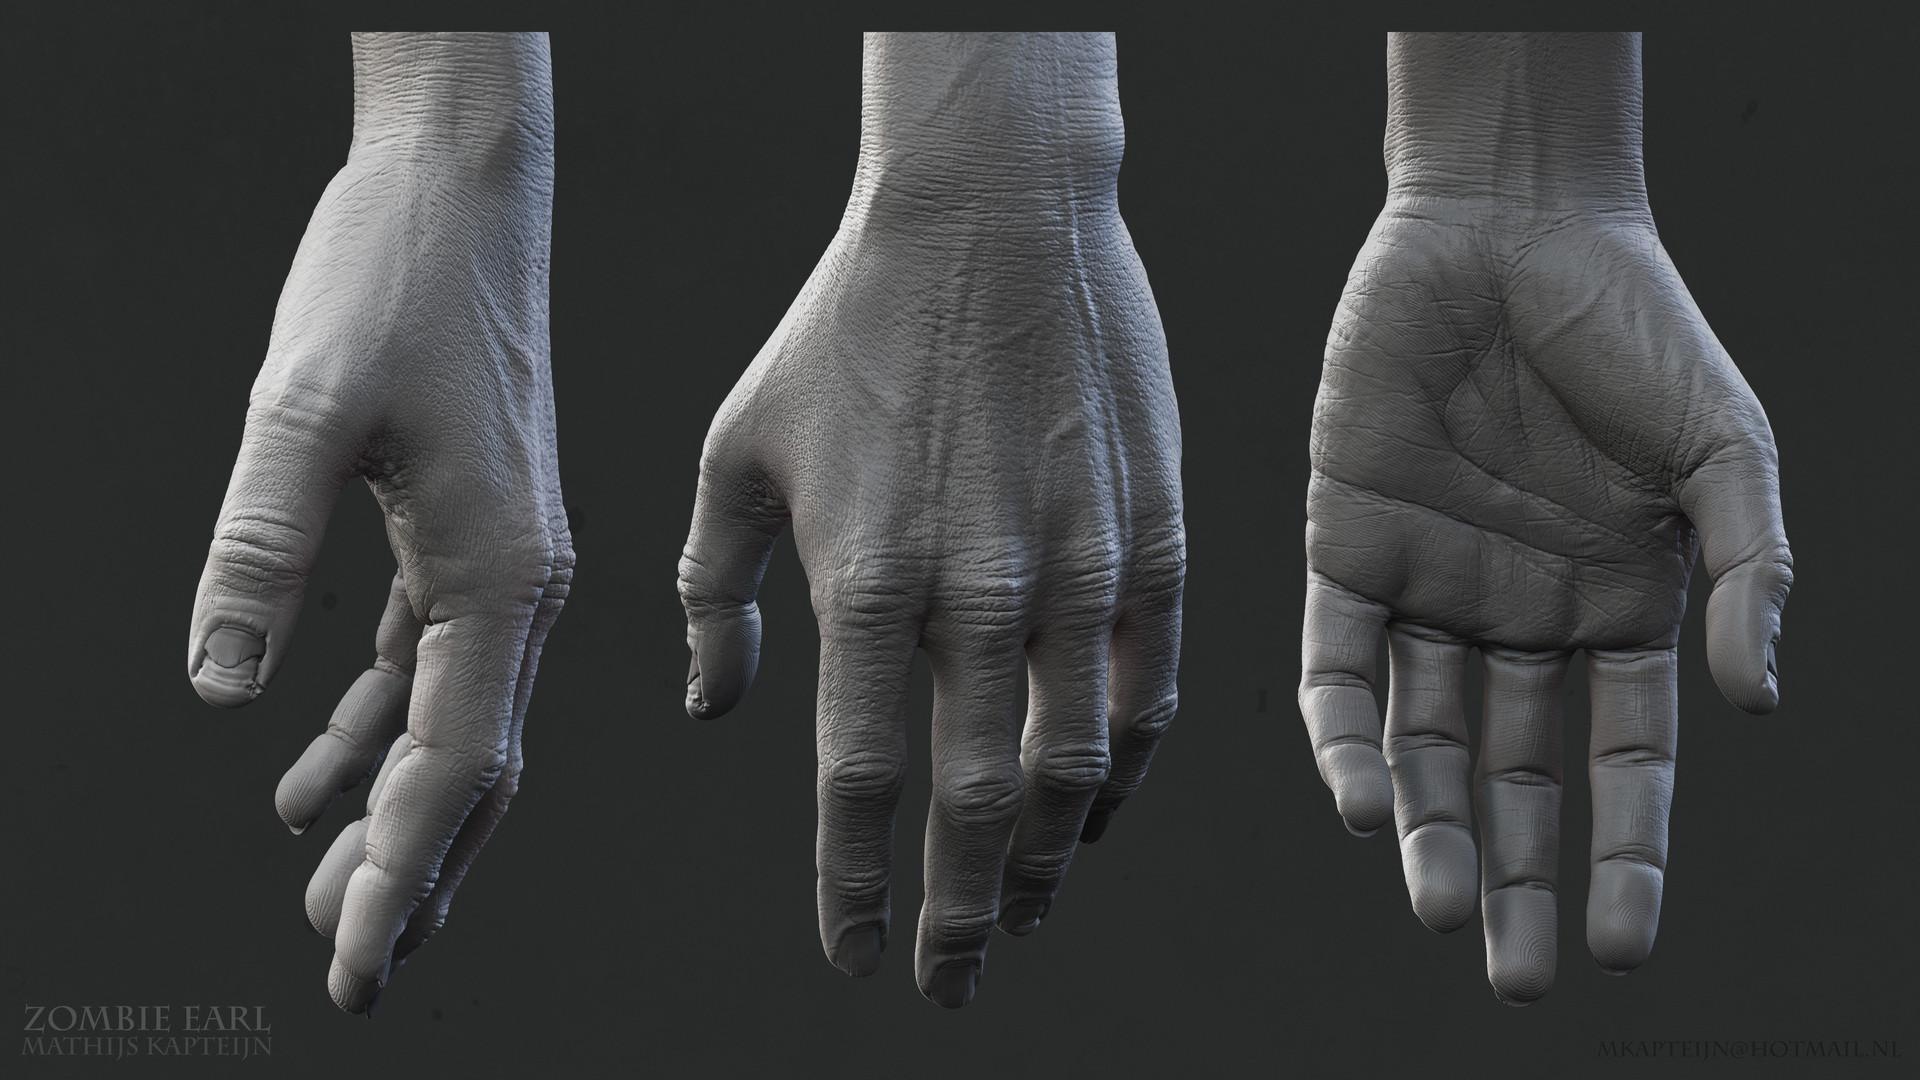 Mathijs kapteijn mathijskapteijn zombieearl hand